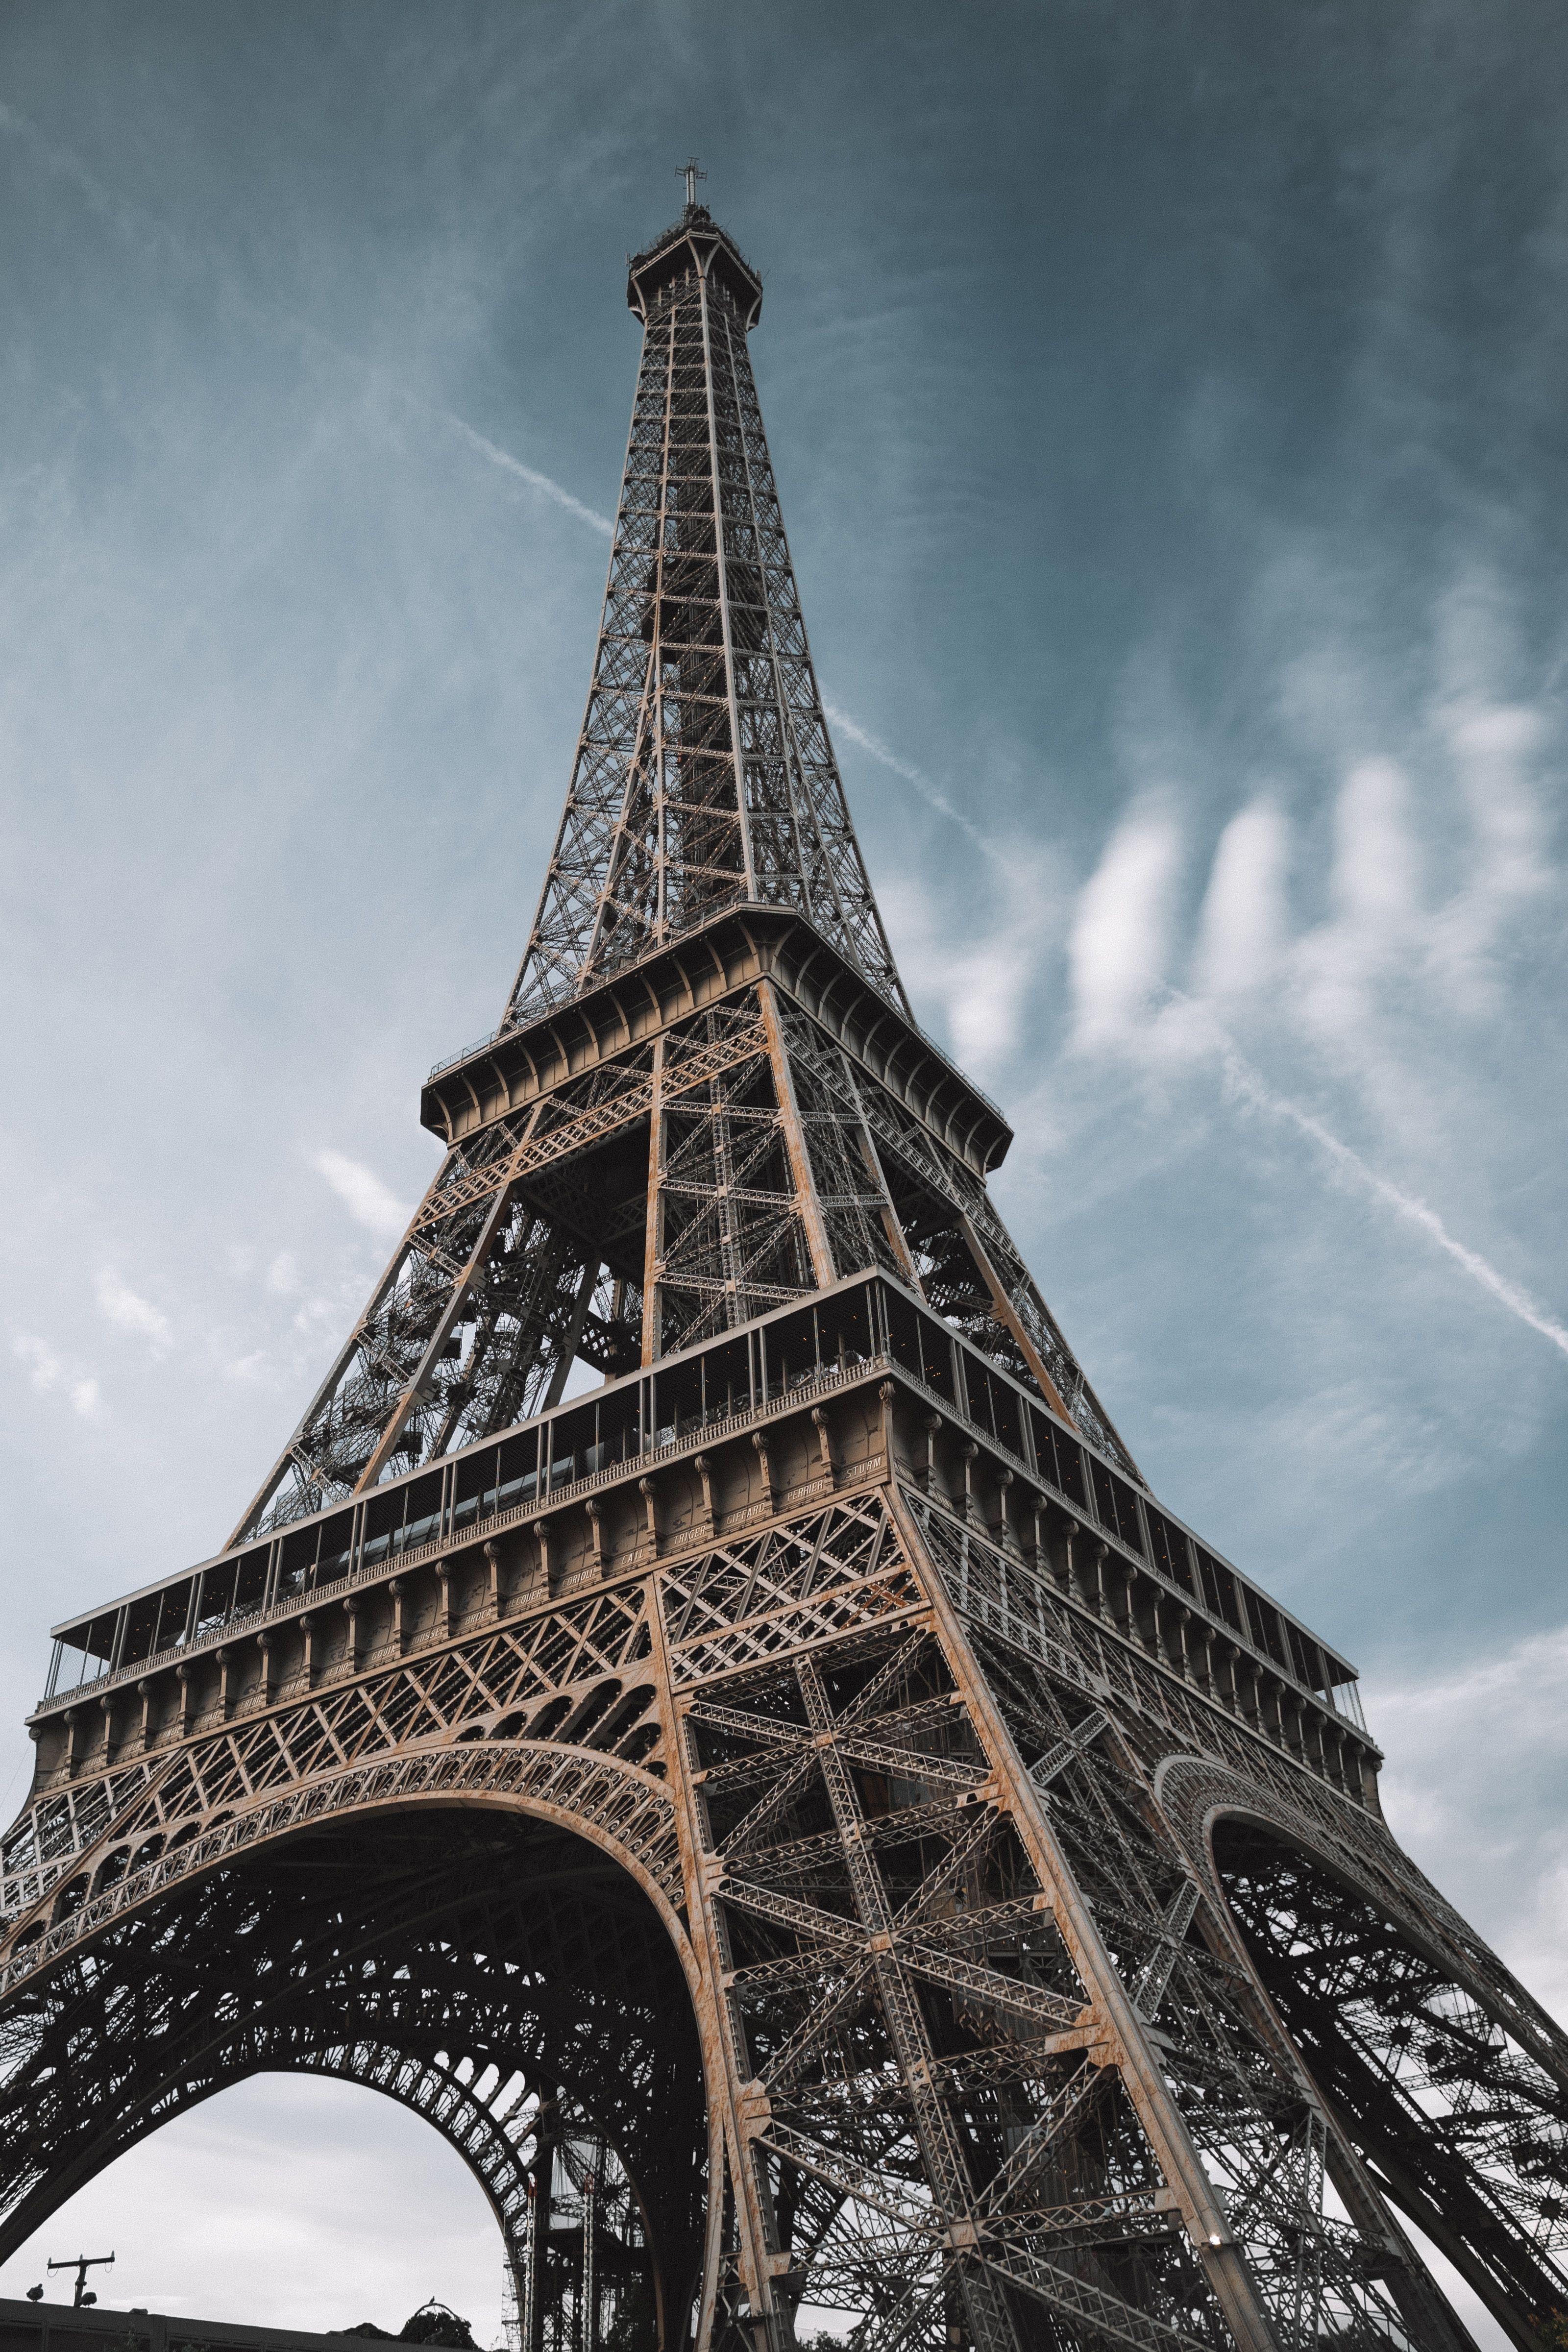 Eiffel Tower Wallpaper Design Idea In 2020 Eiffel Tower Photography Eiffel Tower Paris Eiffel Tower